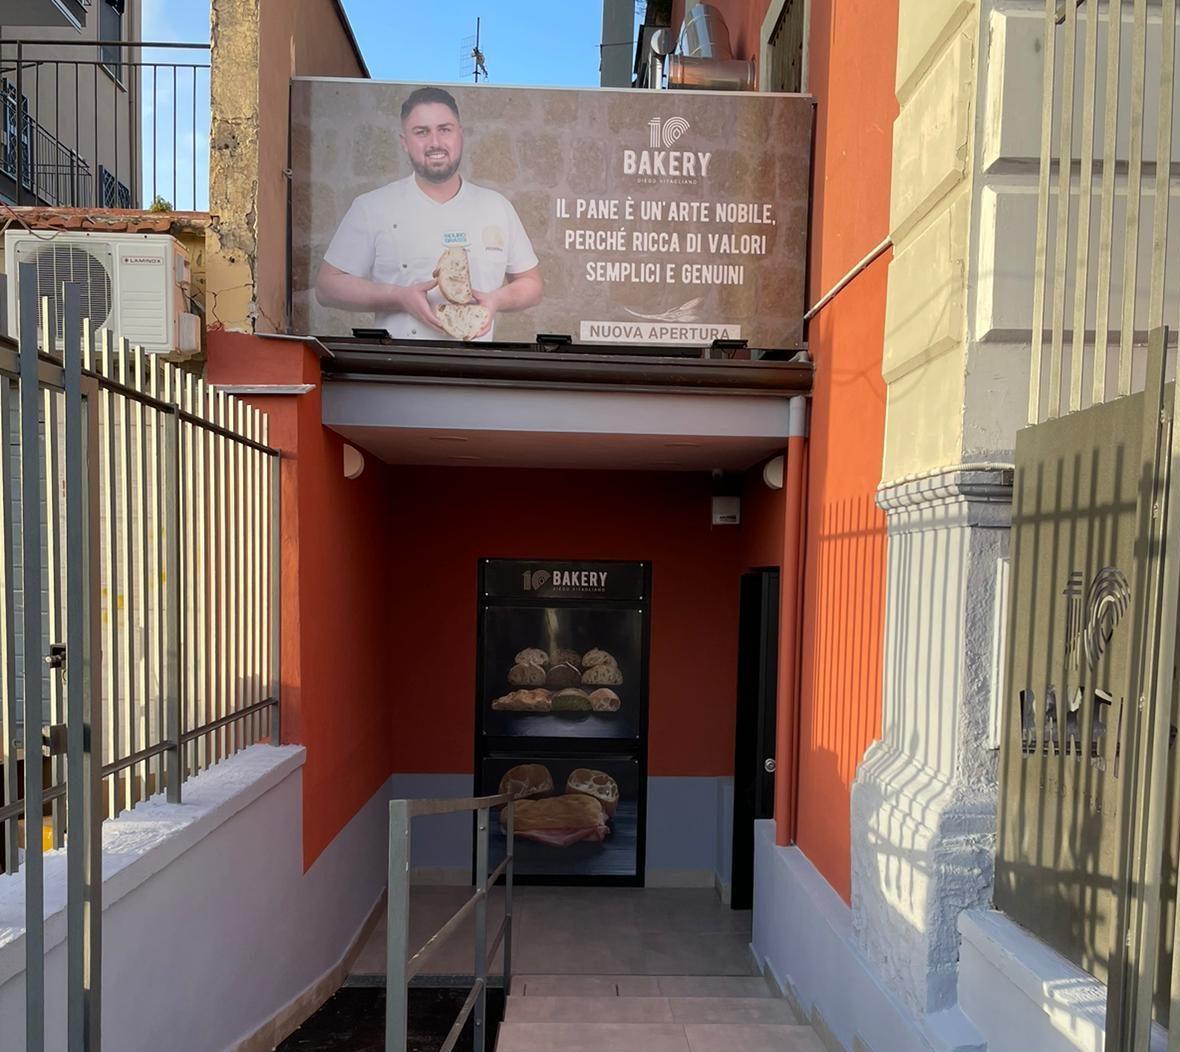 10 Bakery esterno